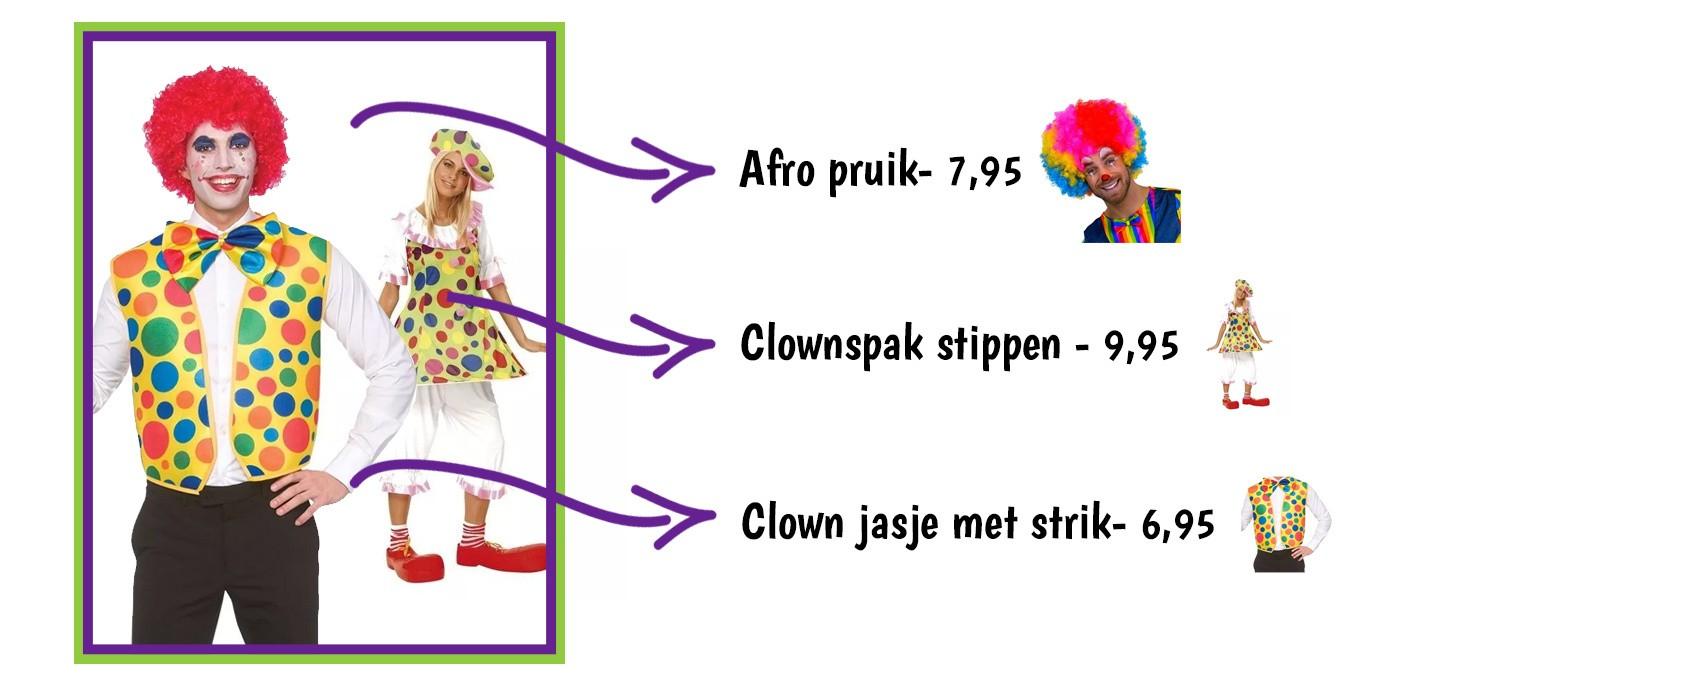 8585076050-CoenSander_clowns.jpg